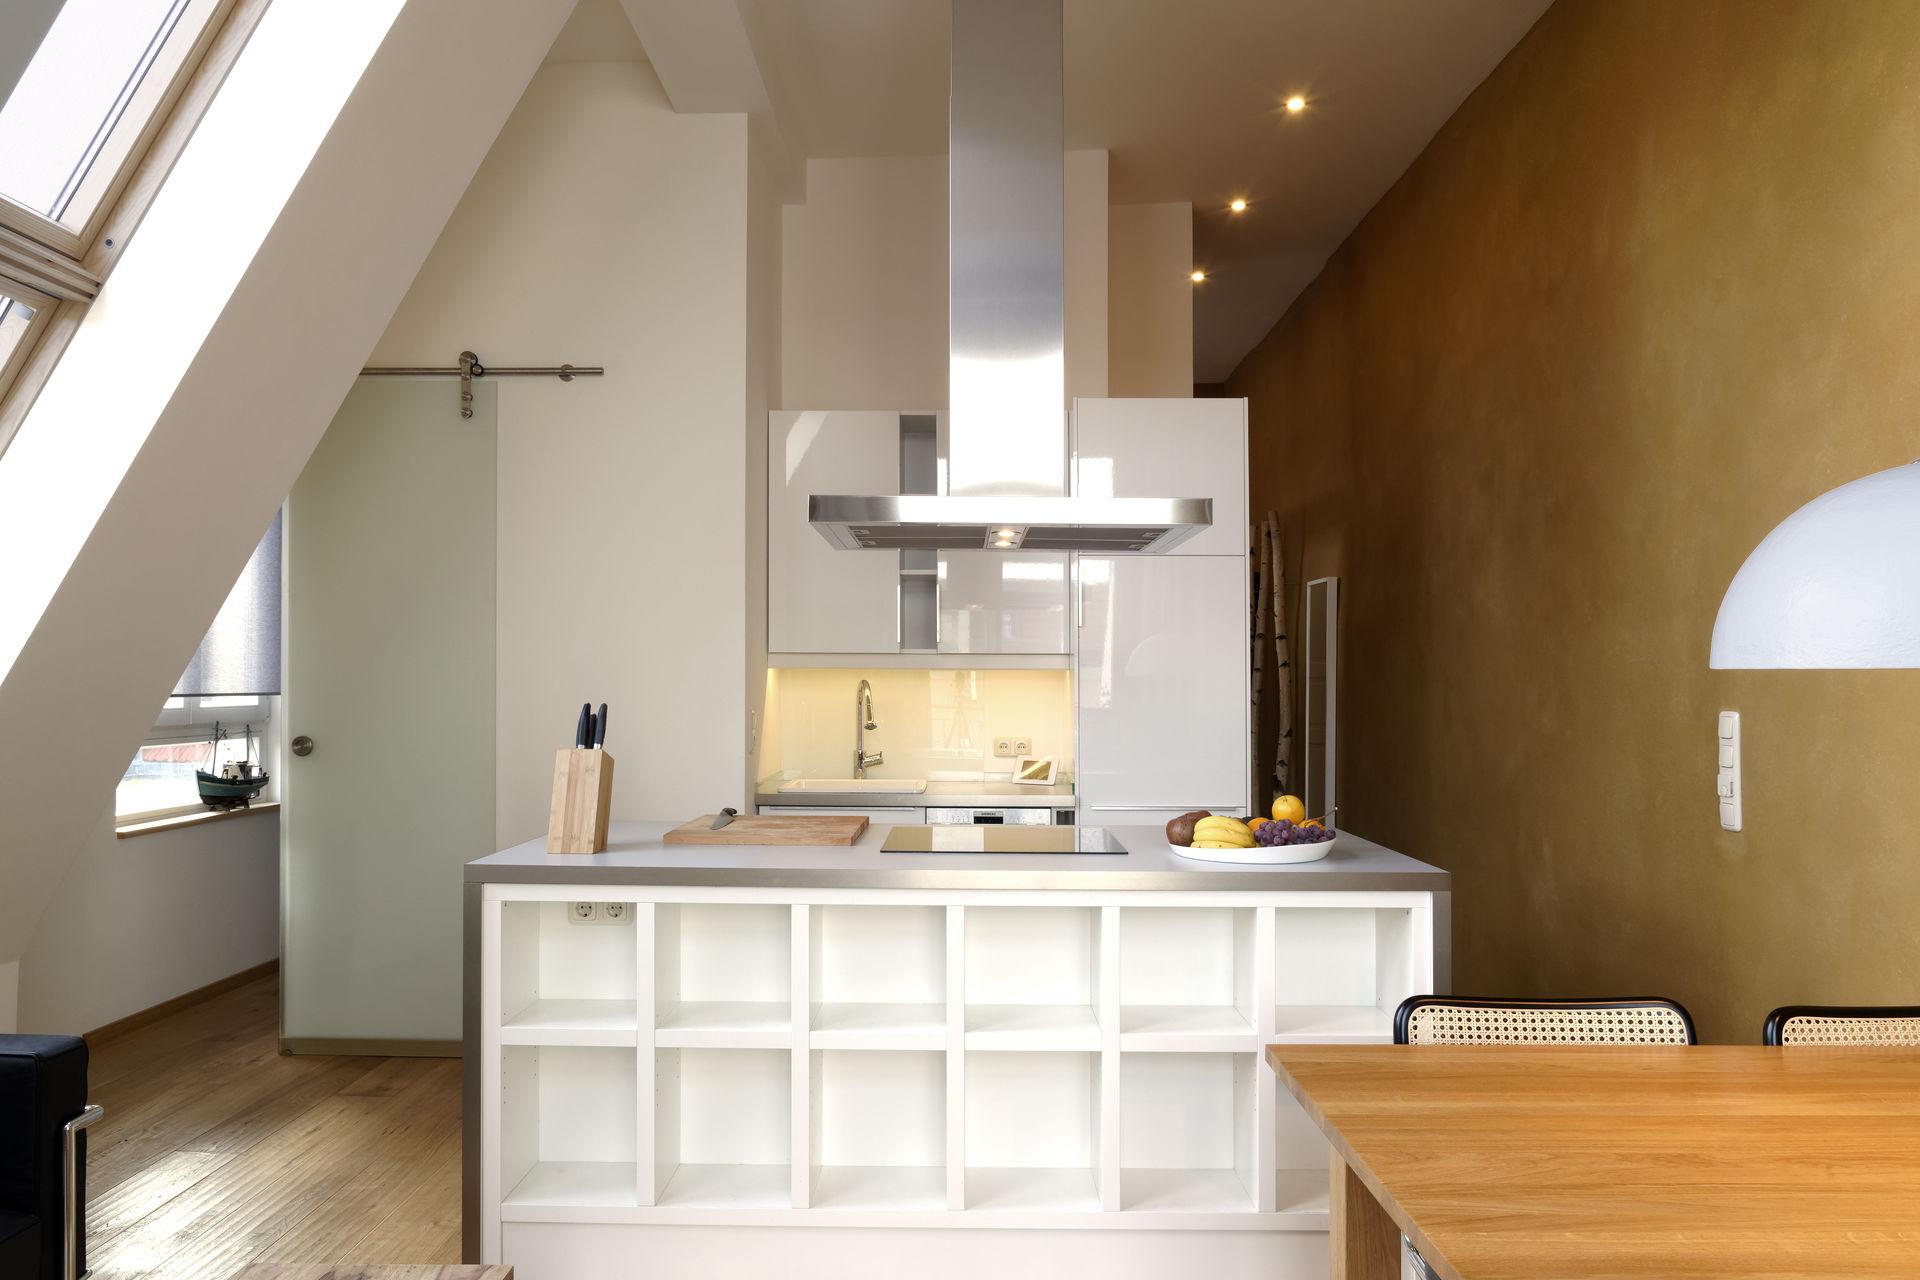 wohnung dachgeschoss design. Black Bedroom Furniture Sets. Home Design Ideas